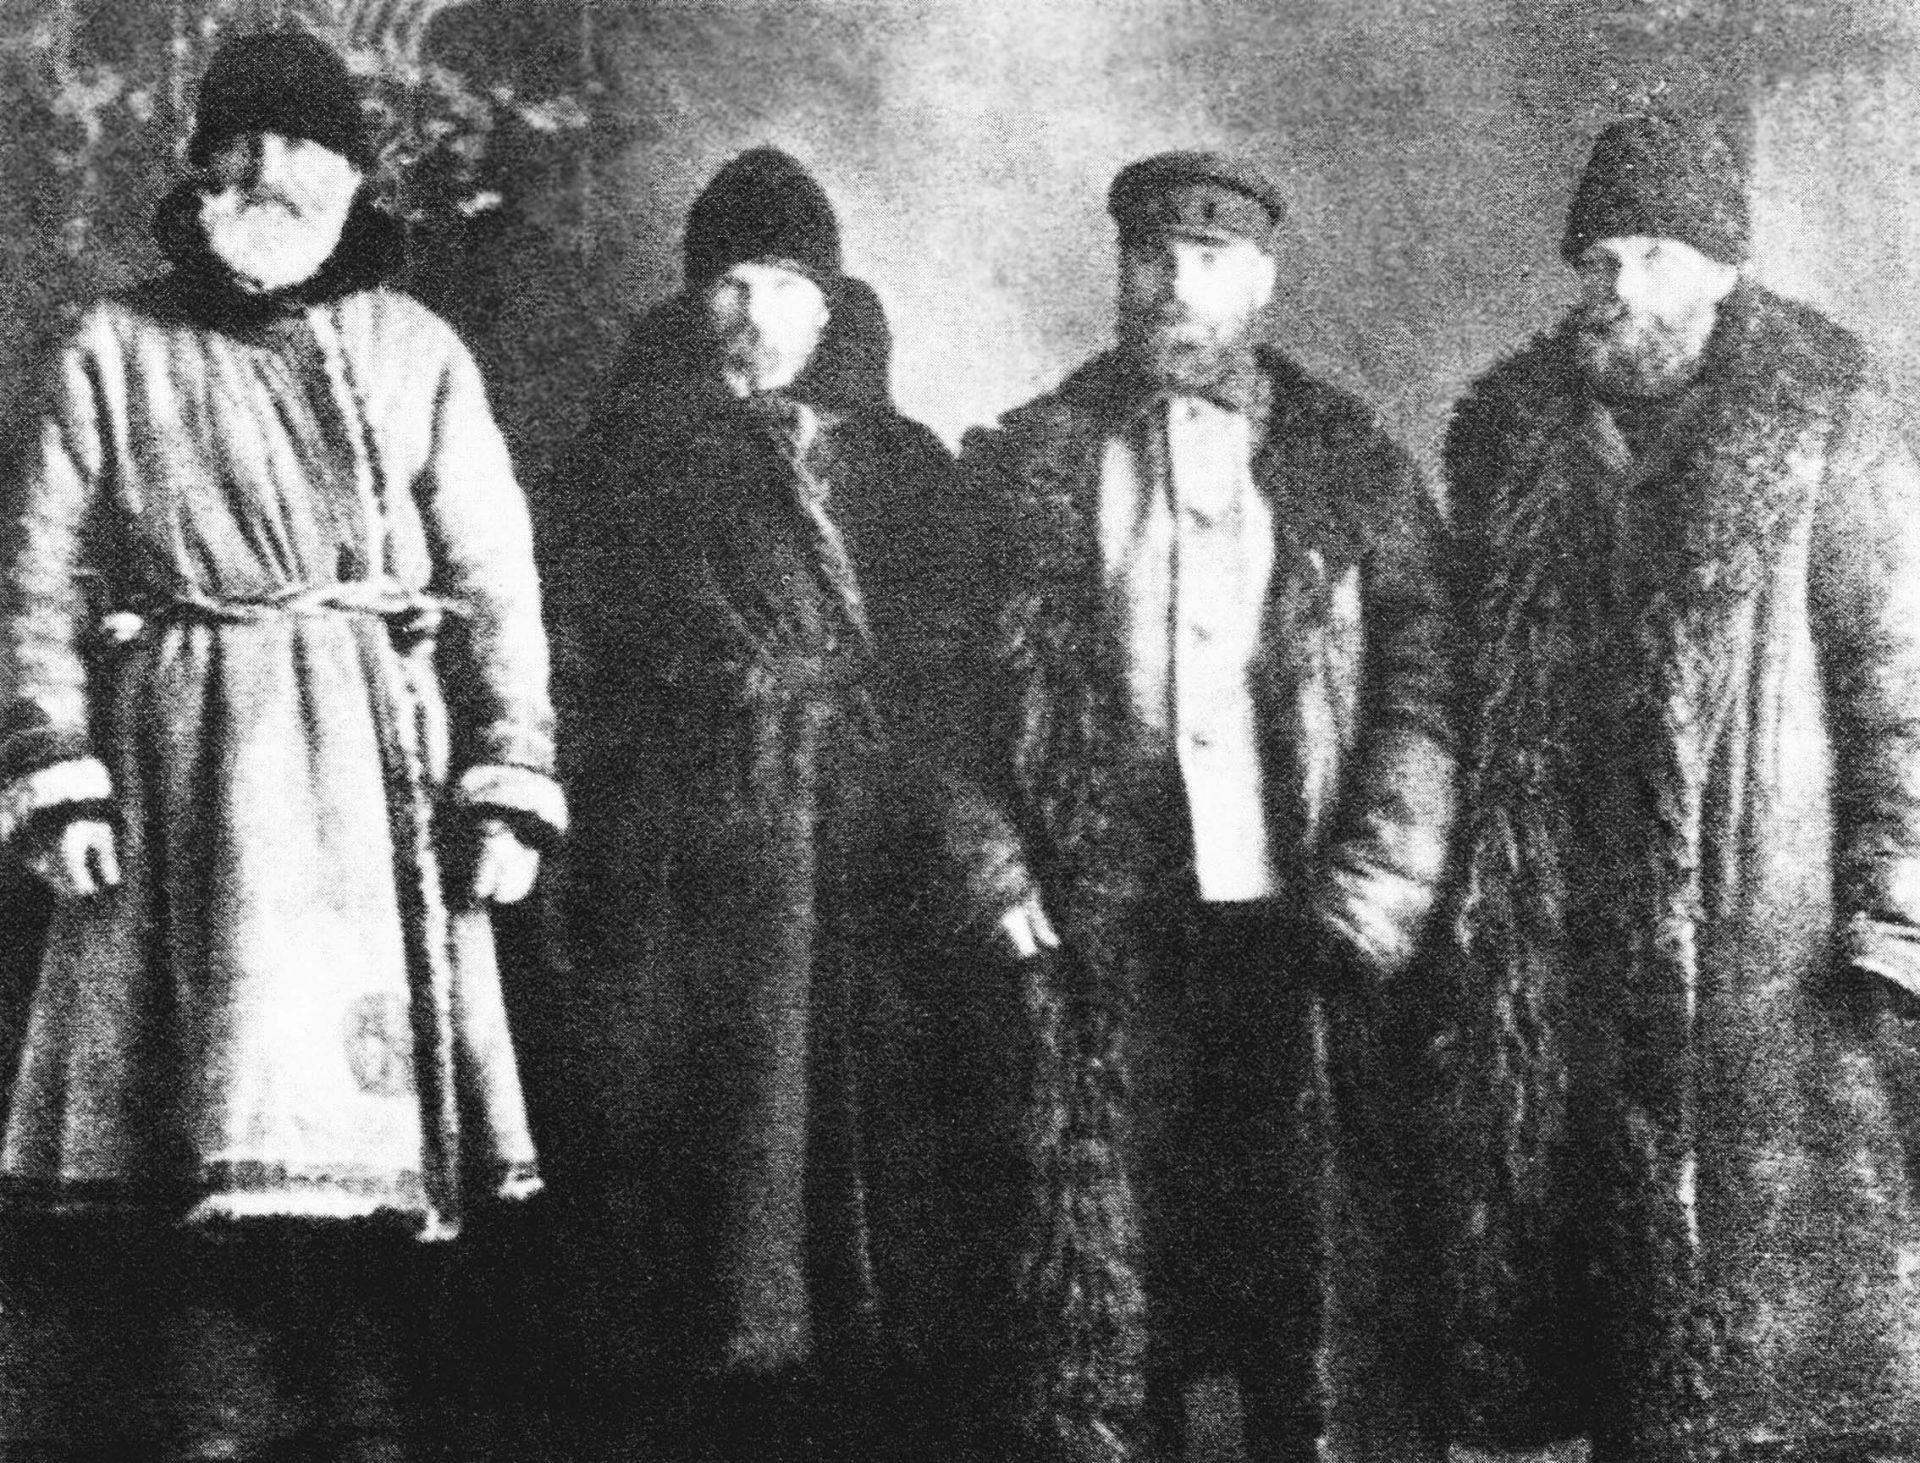 Одні з перших українських емігрантів до Америки – баптисти І.Сипченко, Г.Кузений, І.Юхимів та Ю.Сич.